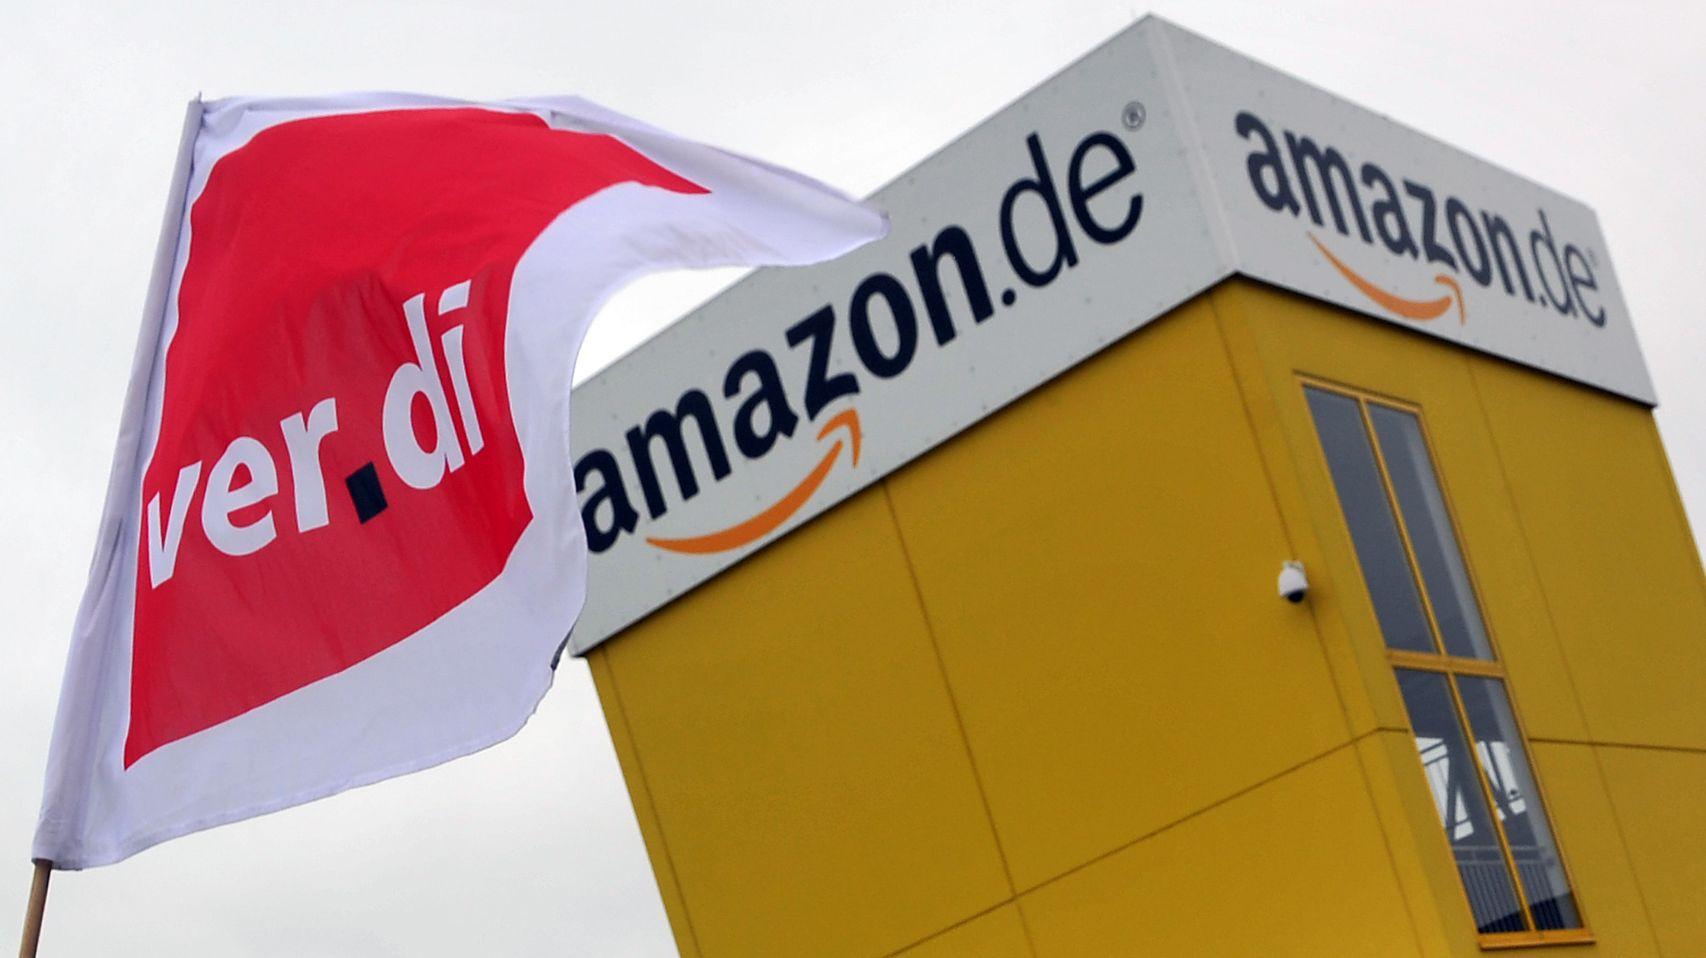 Verdi-Fahne vor dem Amazon-Standort in Graben bei Augsburg (Archivbild)